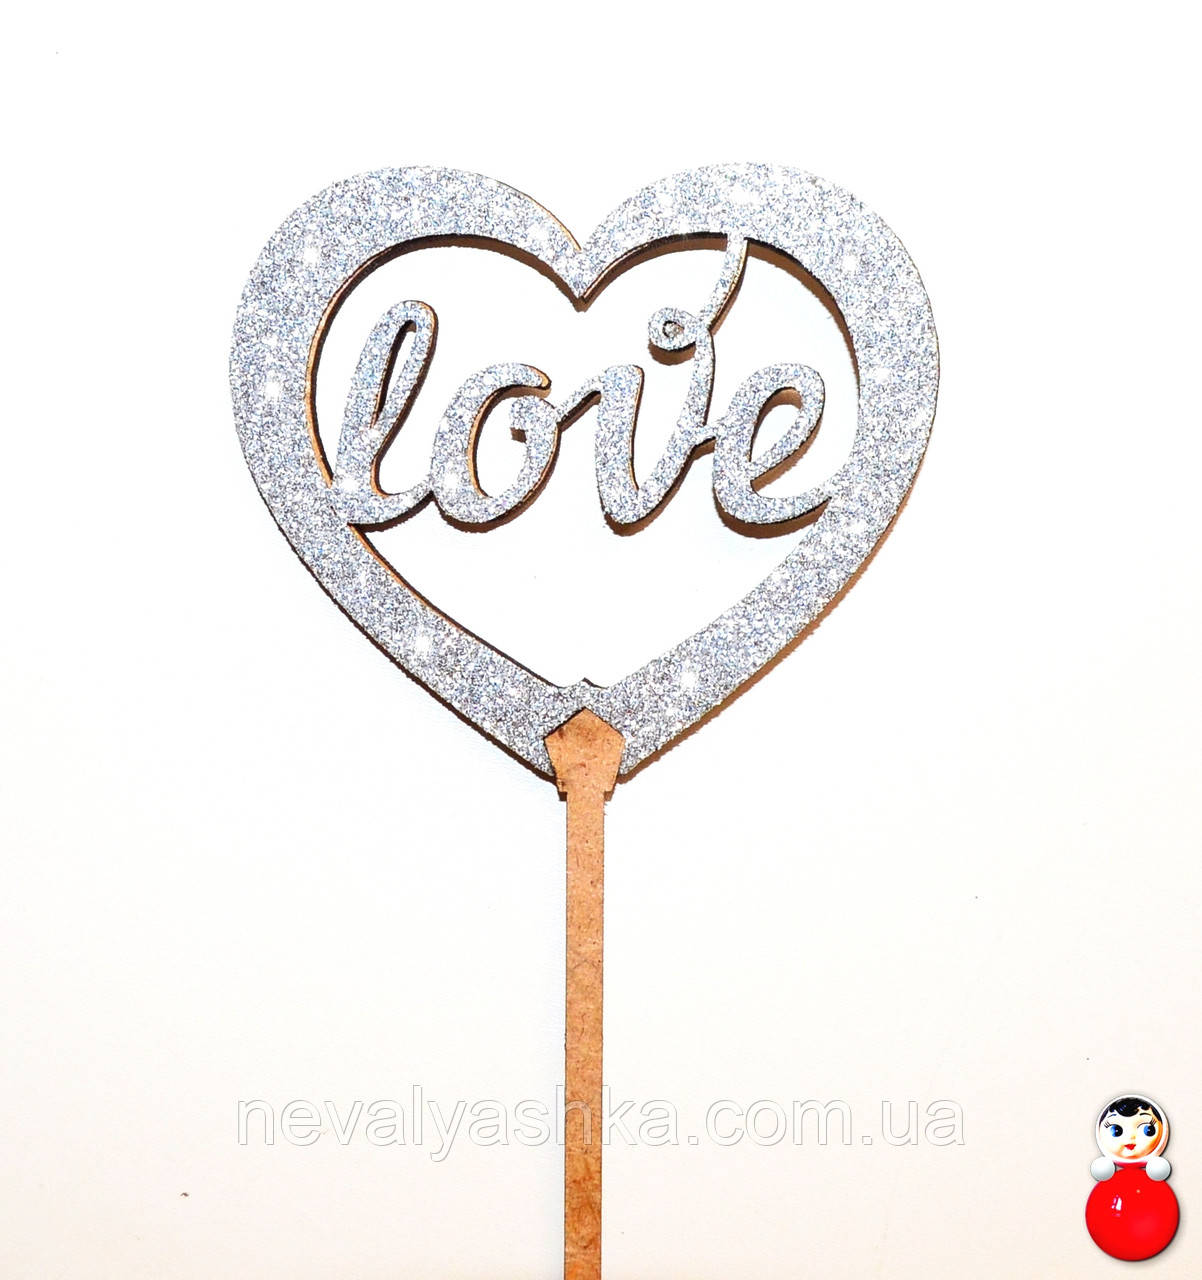 ТОППЕР Деревянный СЕРДЦЕ LOVE Любовь Люблю с Глиттером Блестящий СЕРЕБРЯНЫЙ Топперы для Торта Топер дерев'яний